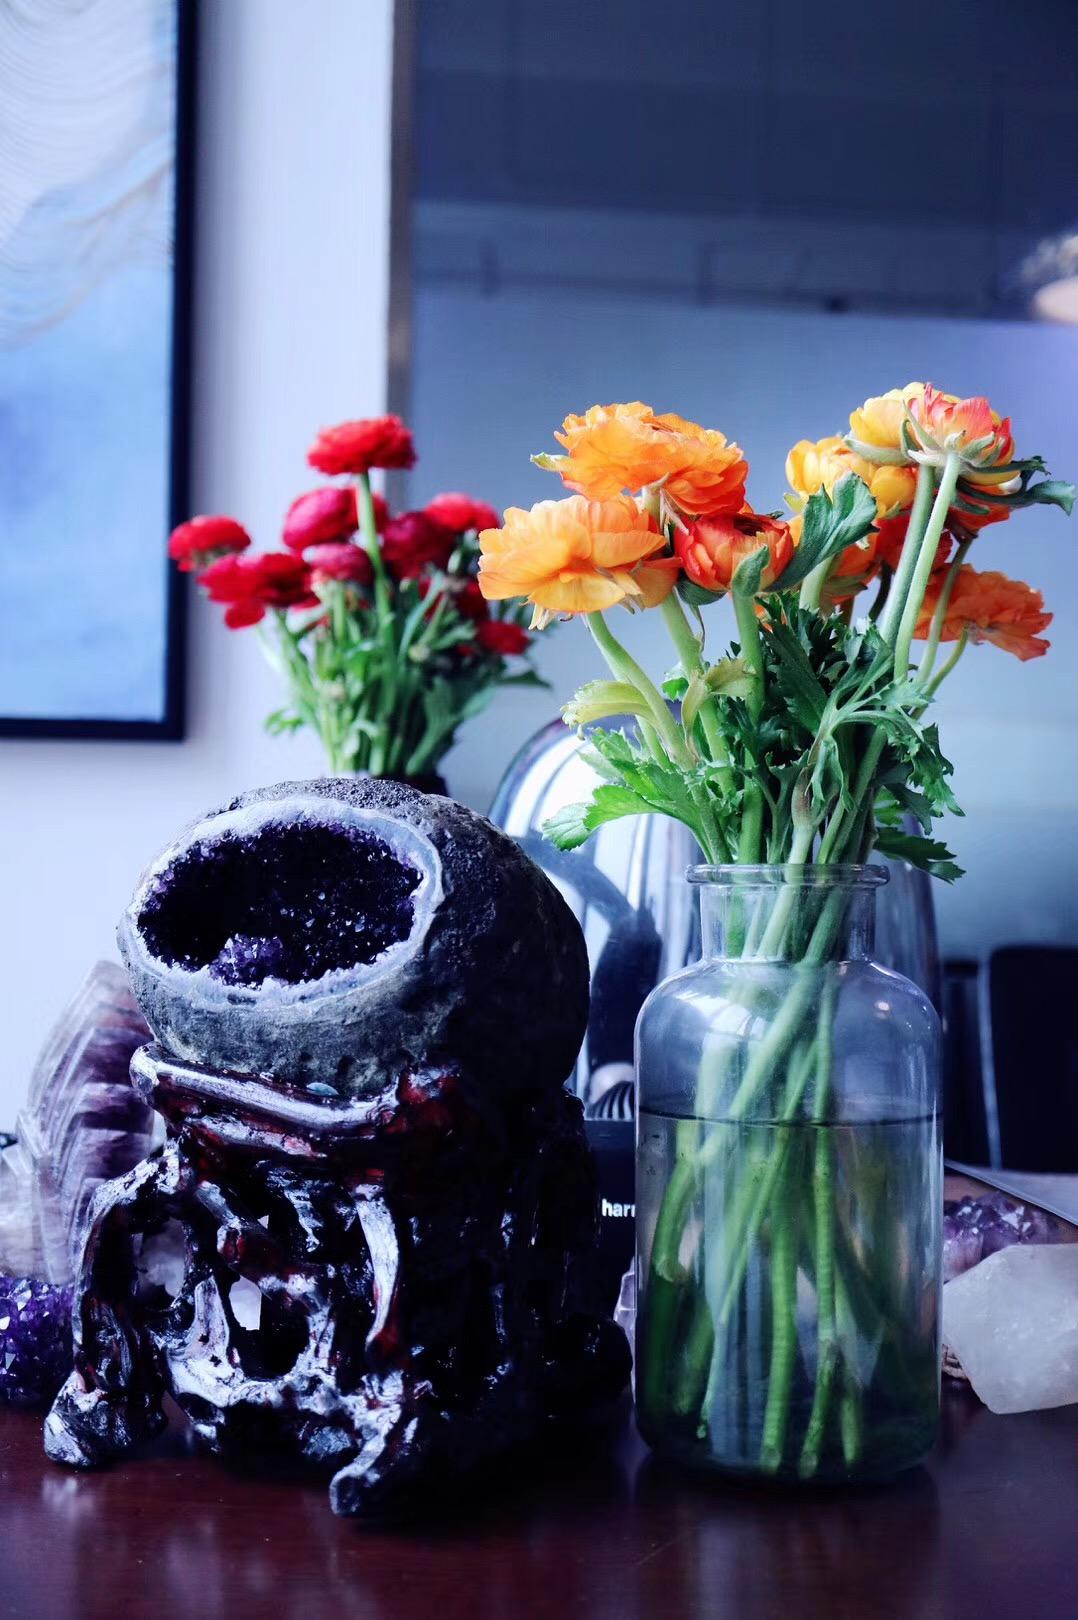 【紫晶洞】自带一朵紫晶花的顶级乌拉圭原矿小晶洞-菩心晶舍